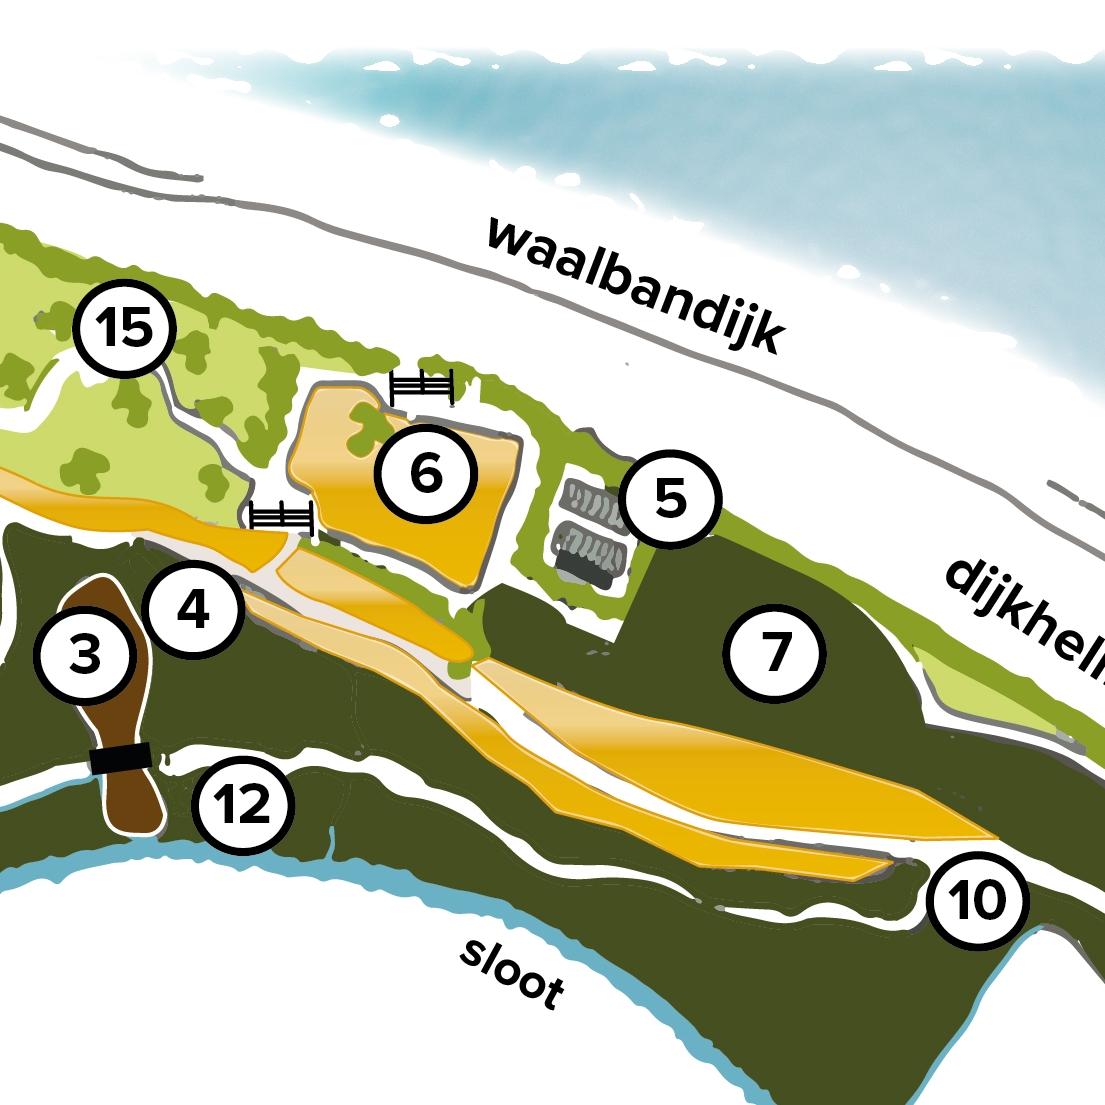 Klik hier voor de volledige plattegrond